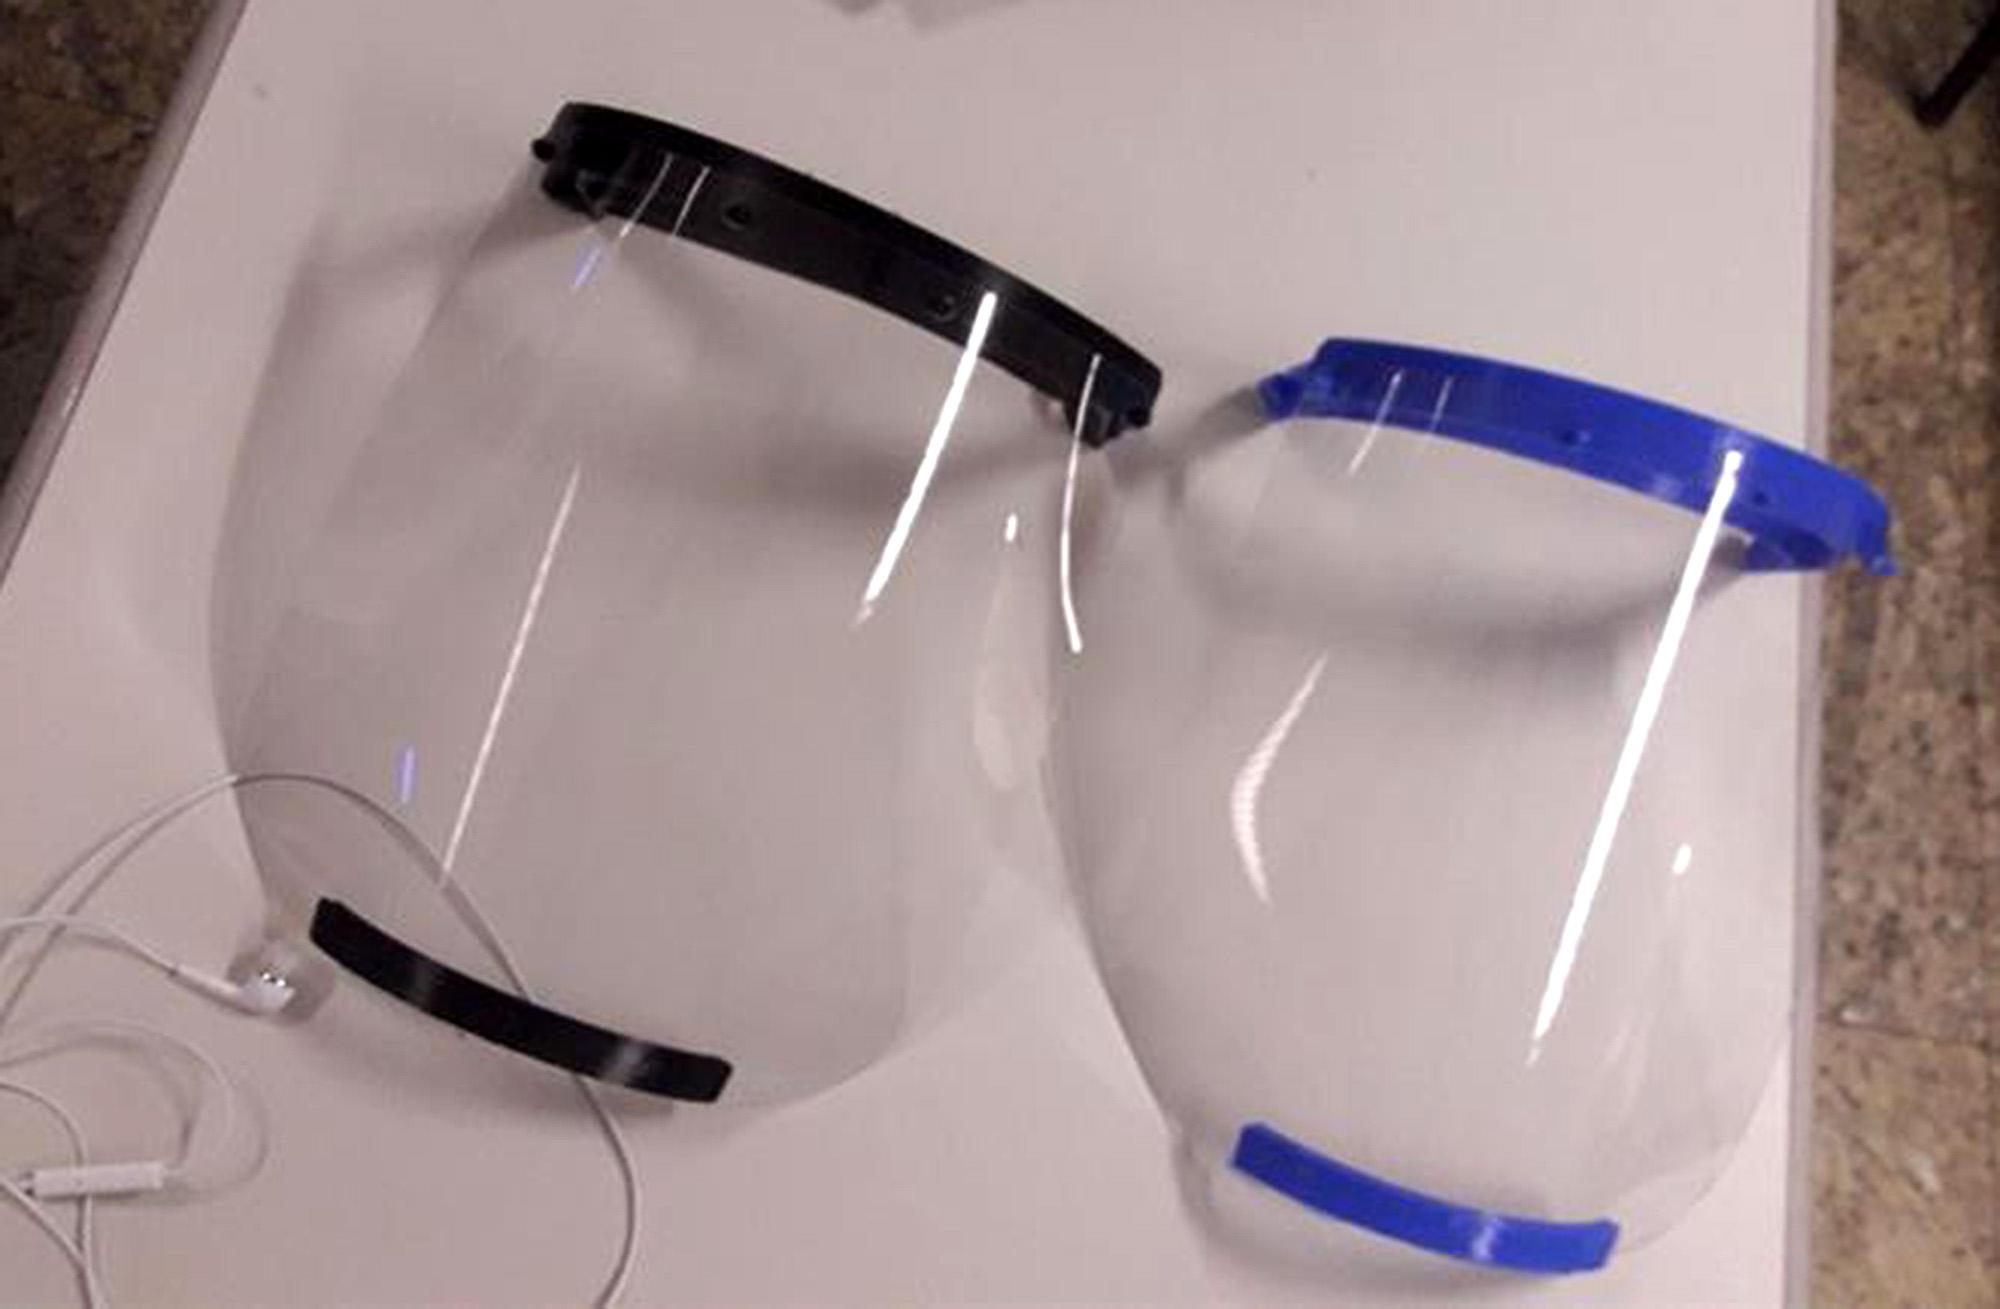 Modelos das máscaras do tipo escudo facial produzidas nos laboratórios FAB LAB (Divulgação: Prefeitura de São Paulo)